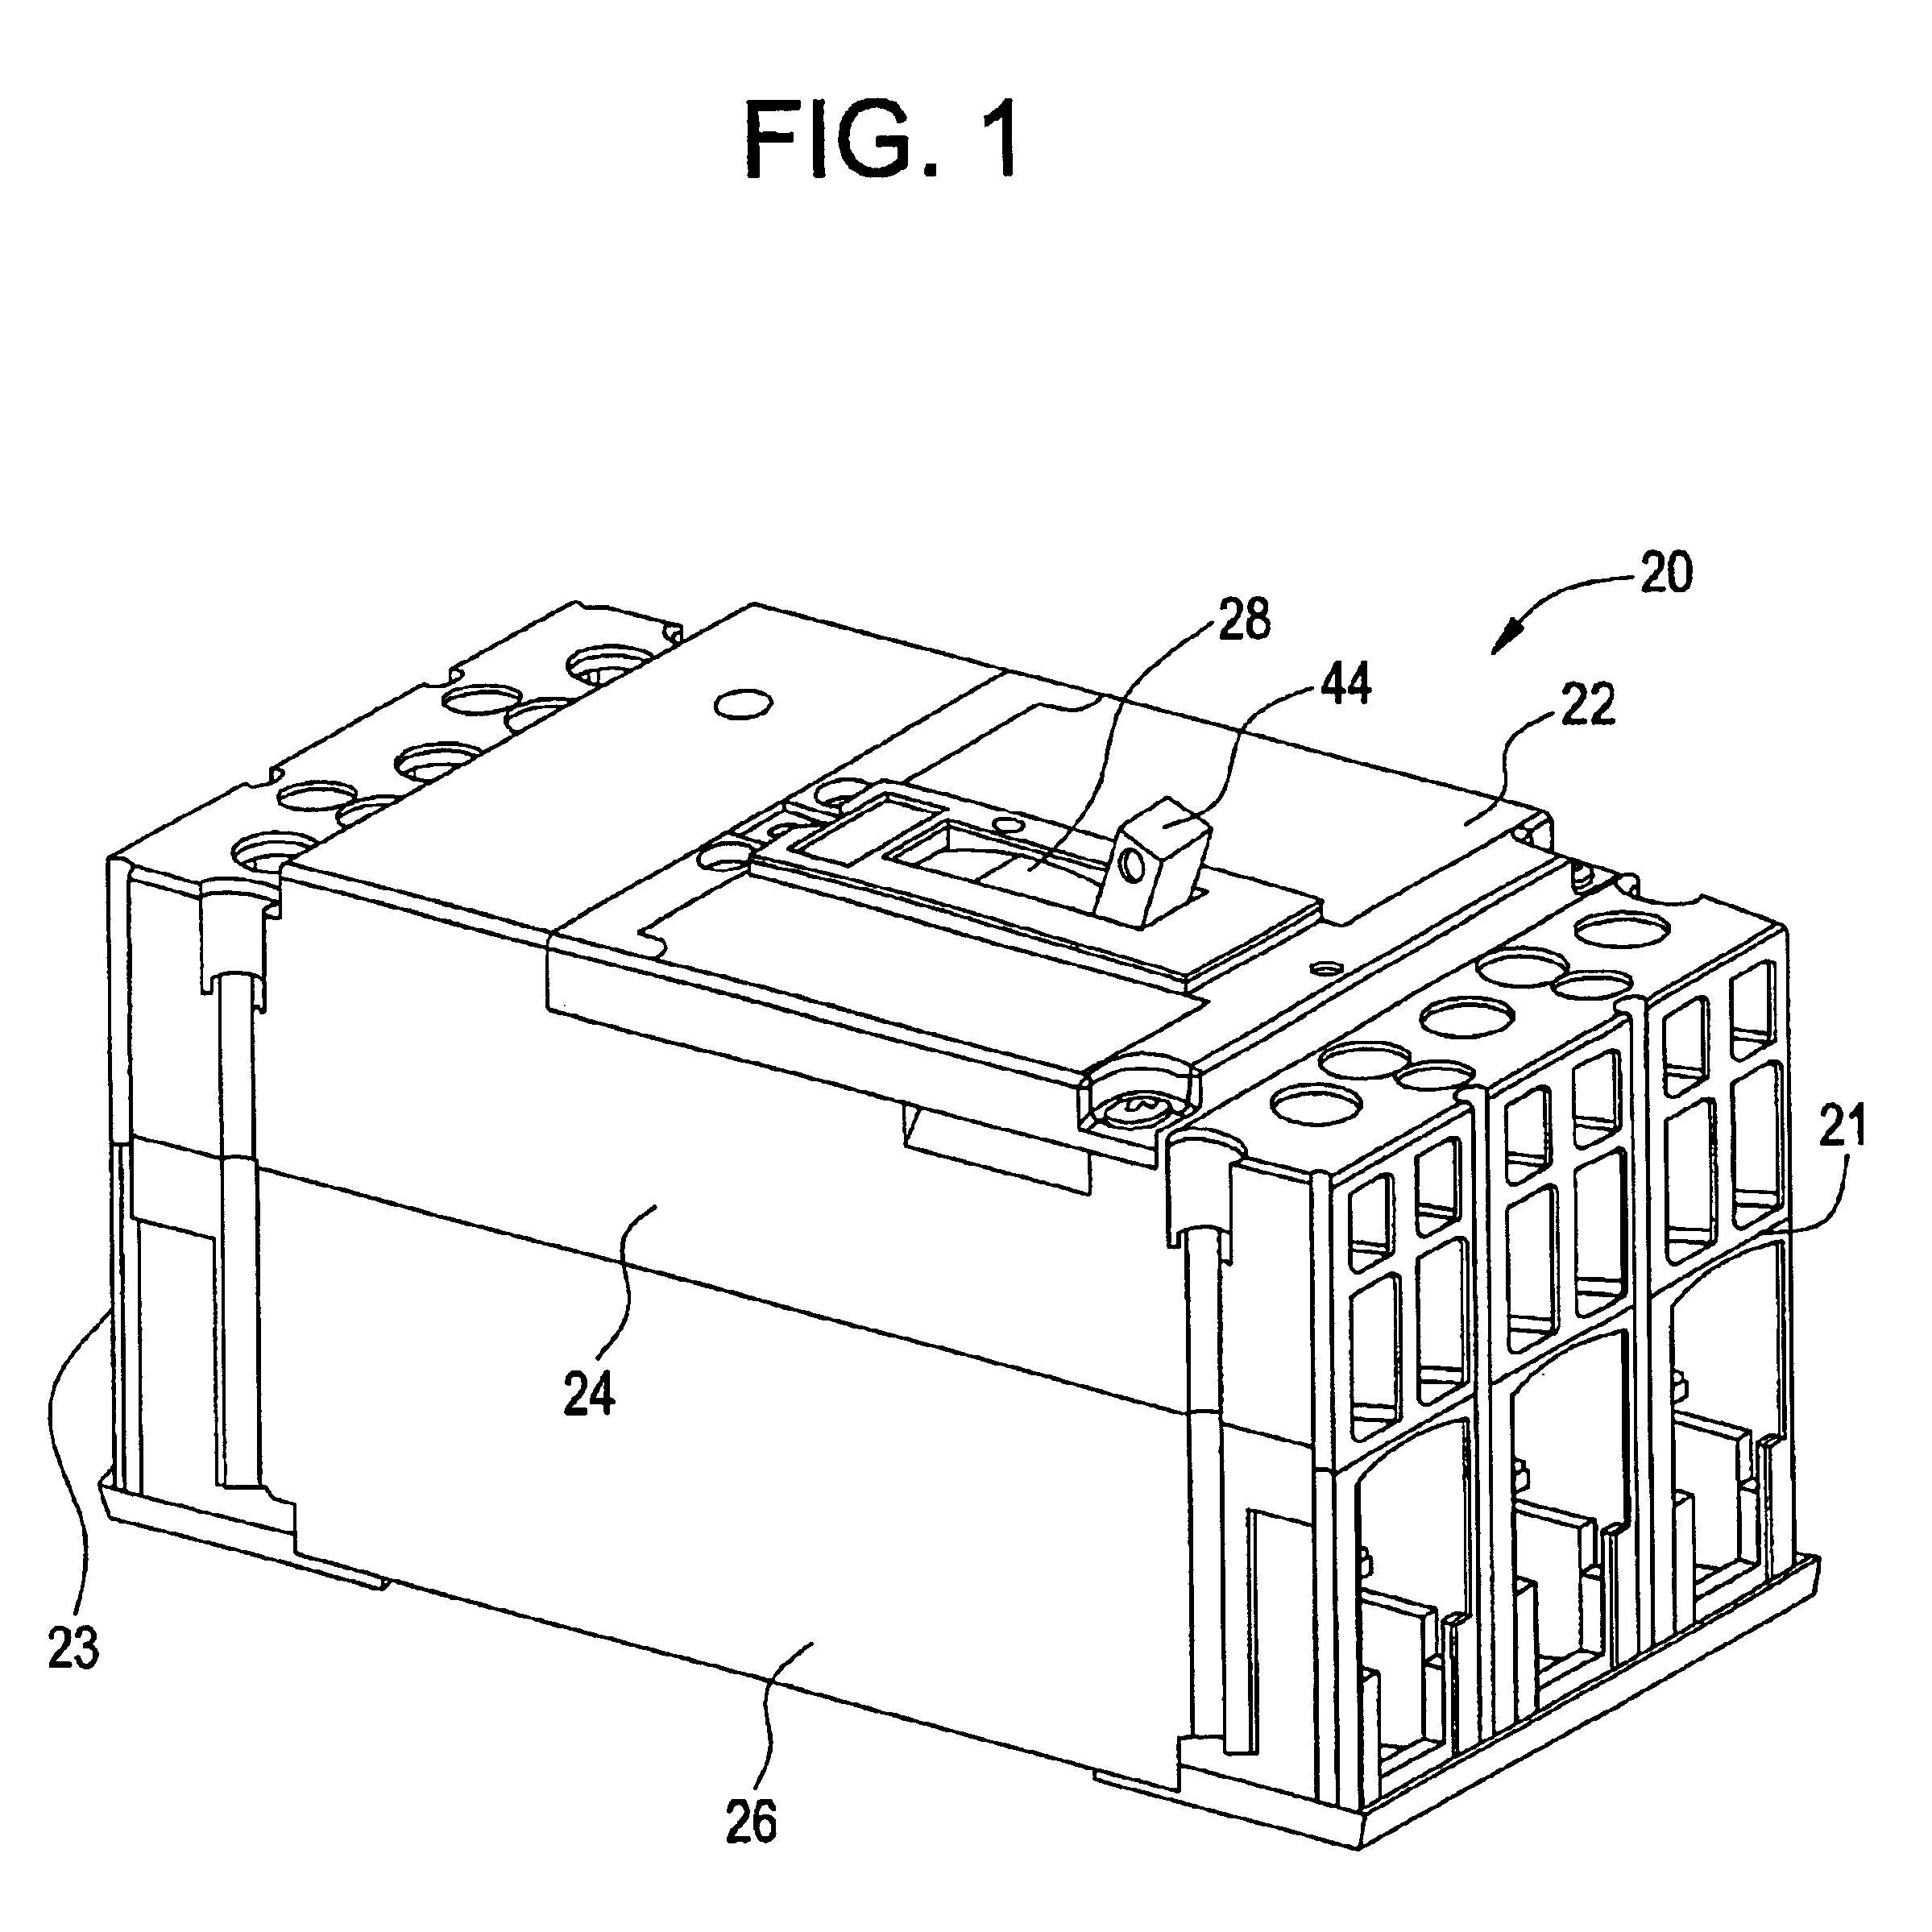 patent us6933814